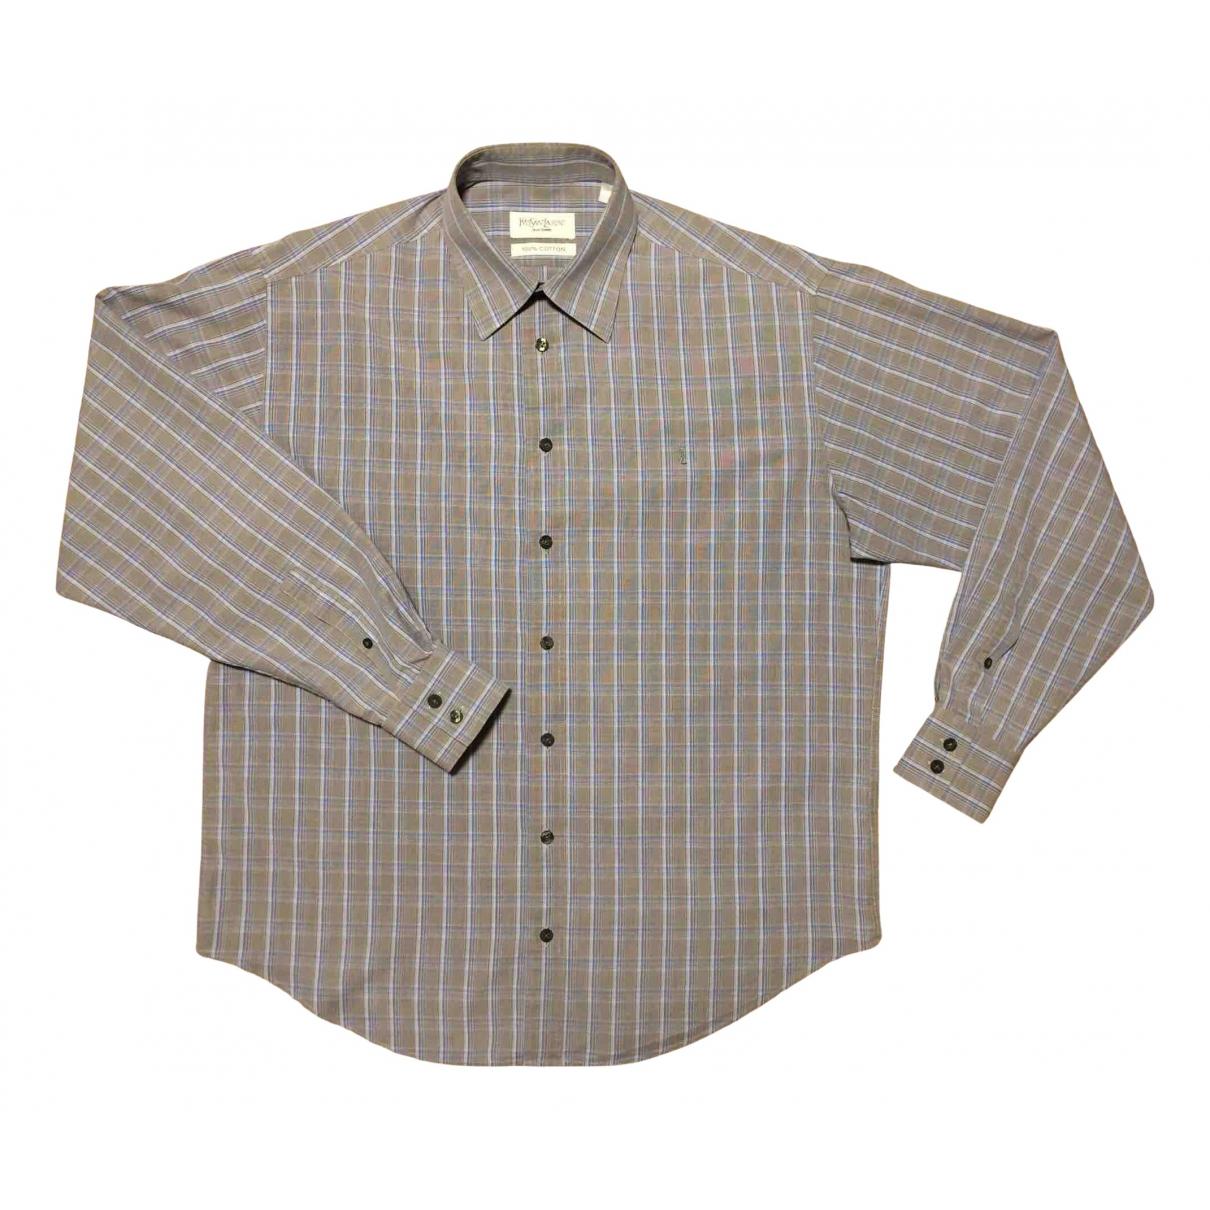 Yves Saint Laurent \N Hemden in  Grau Baumwolle